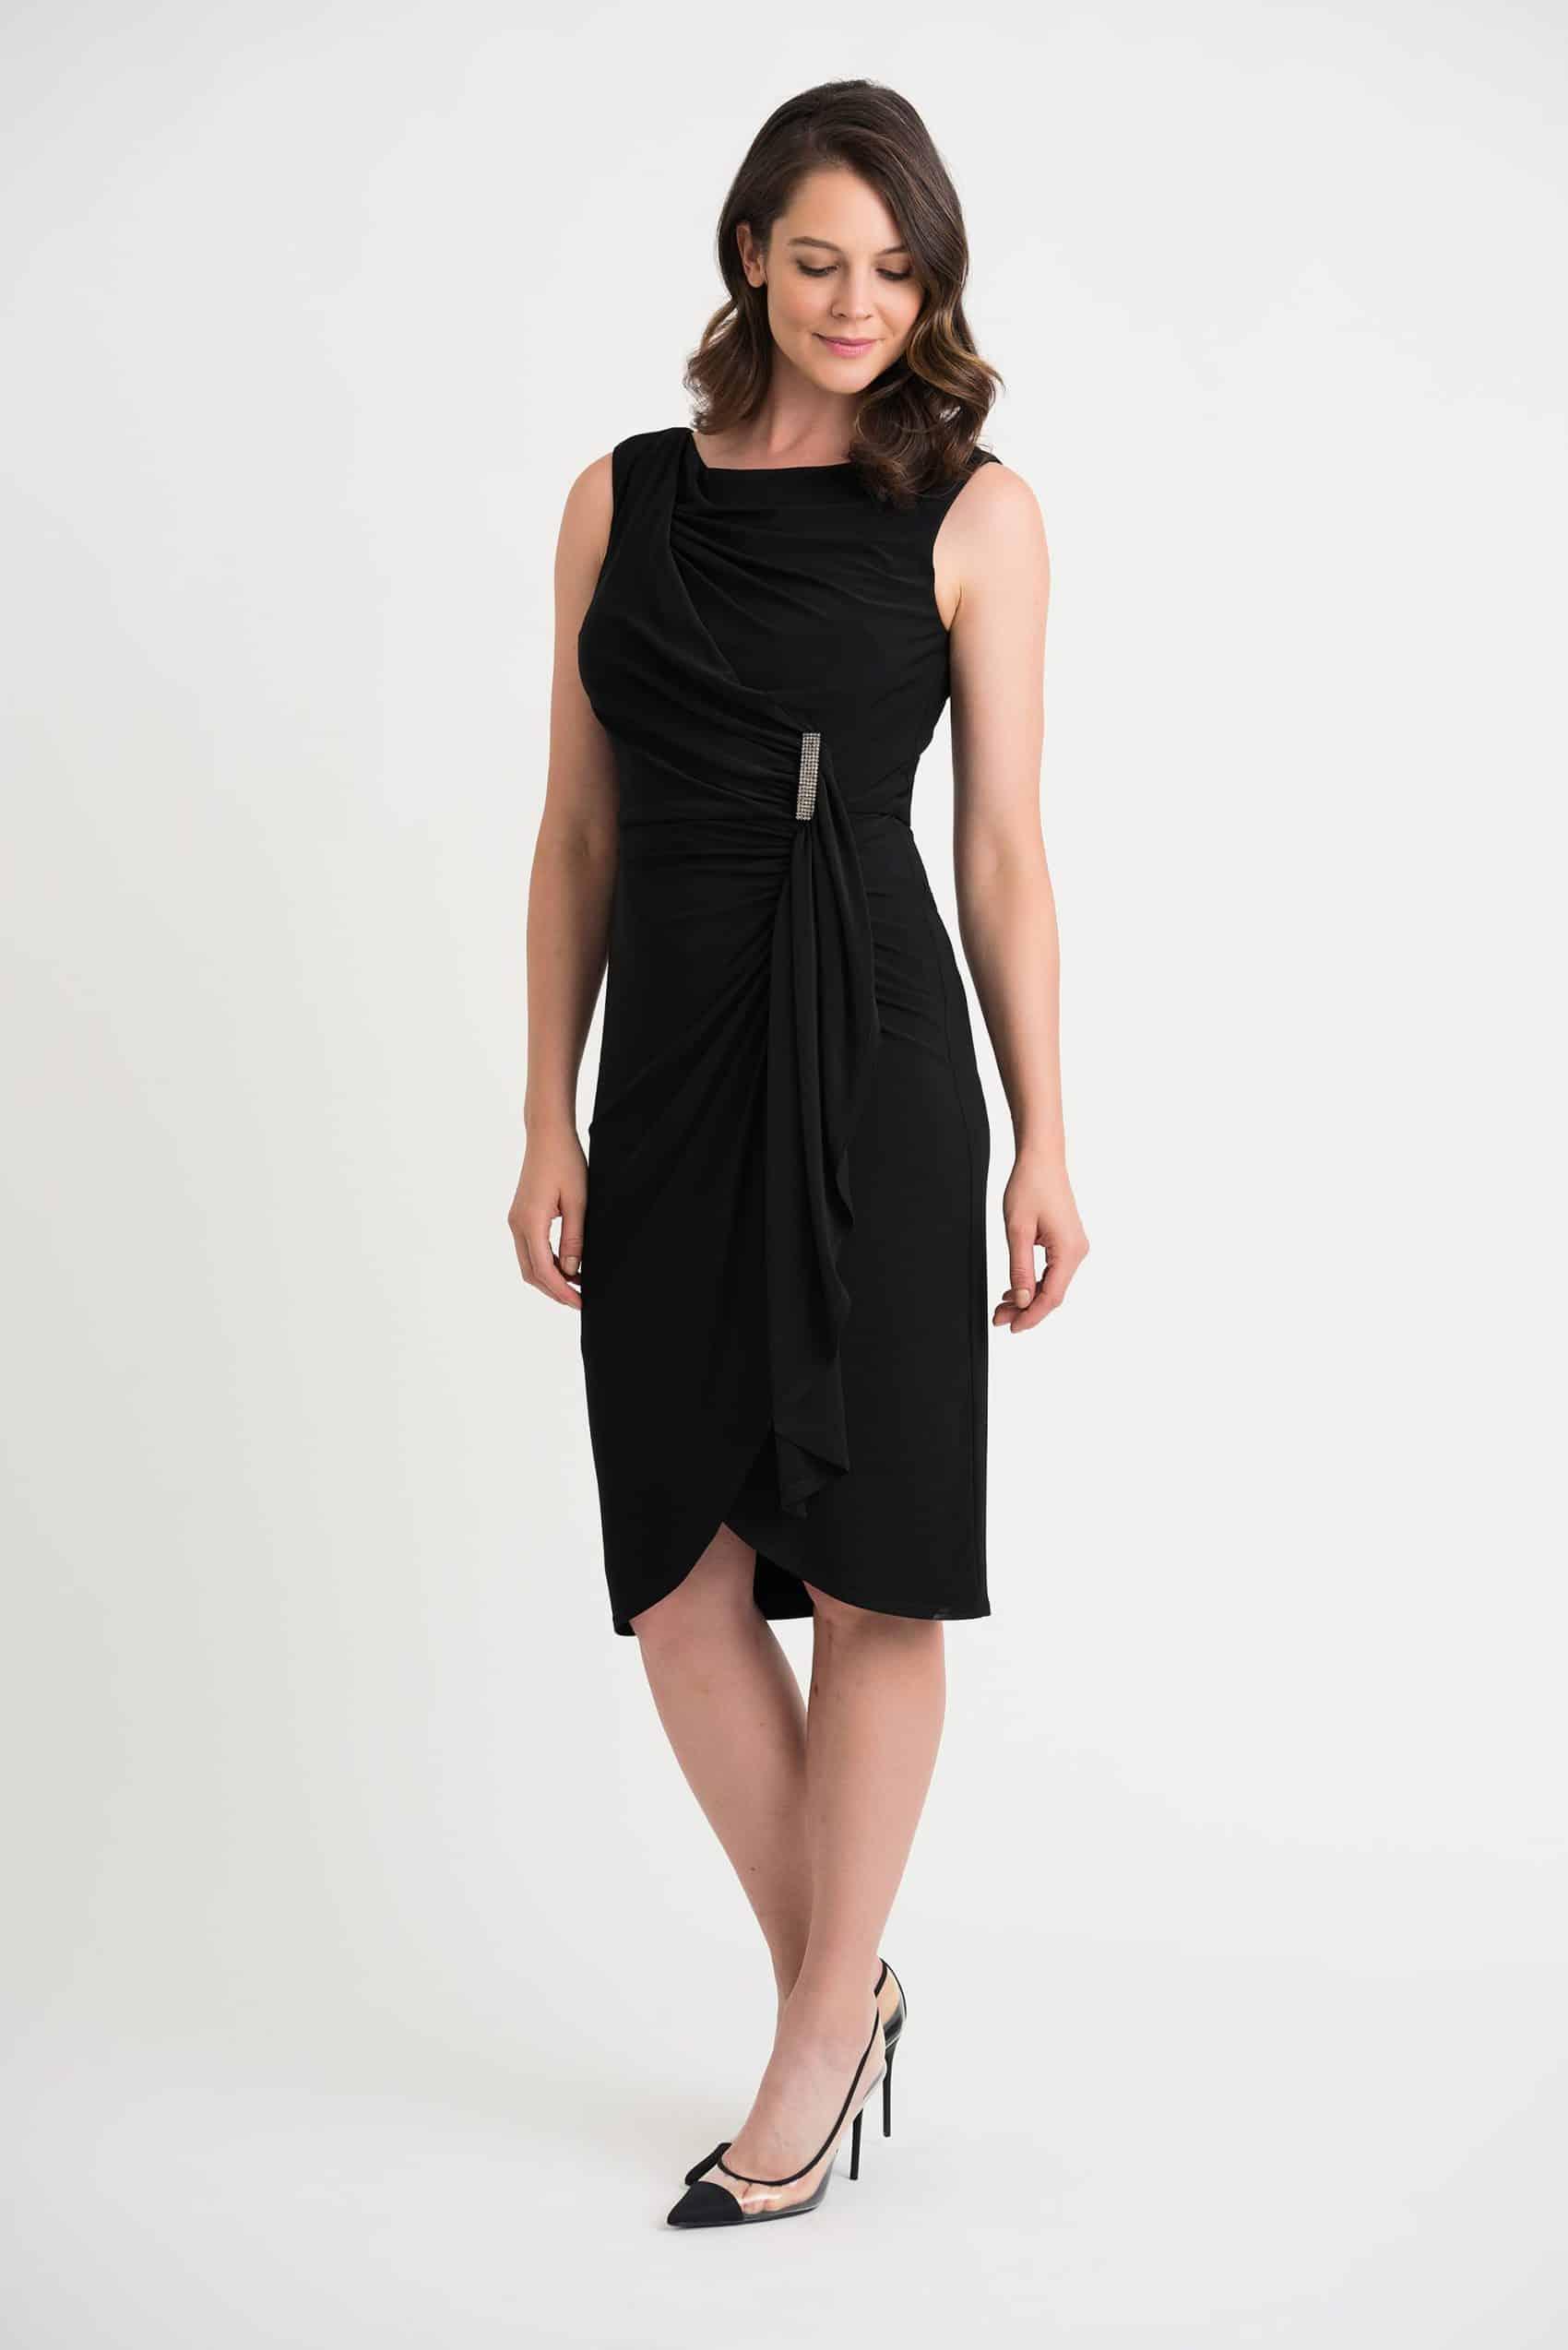 204231-1-WEB Special Events Black dress short